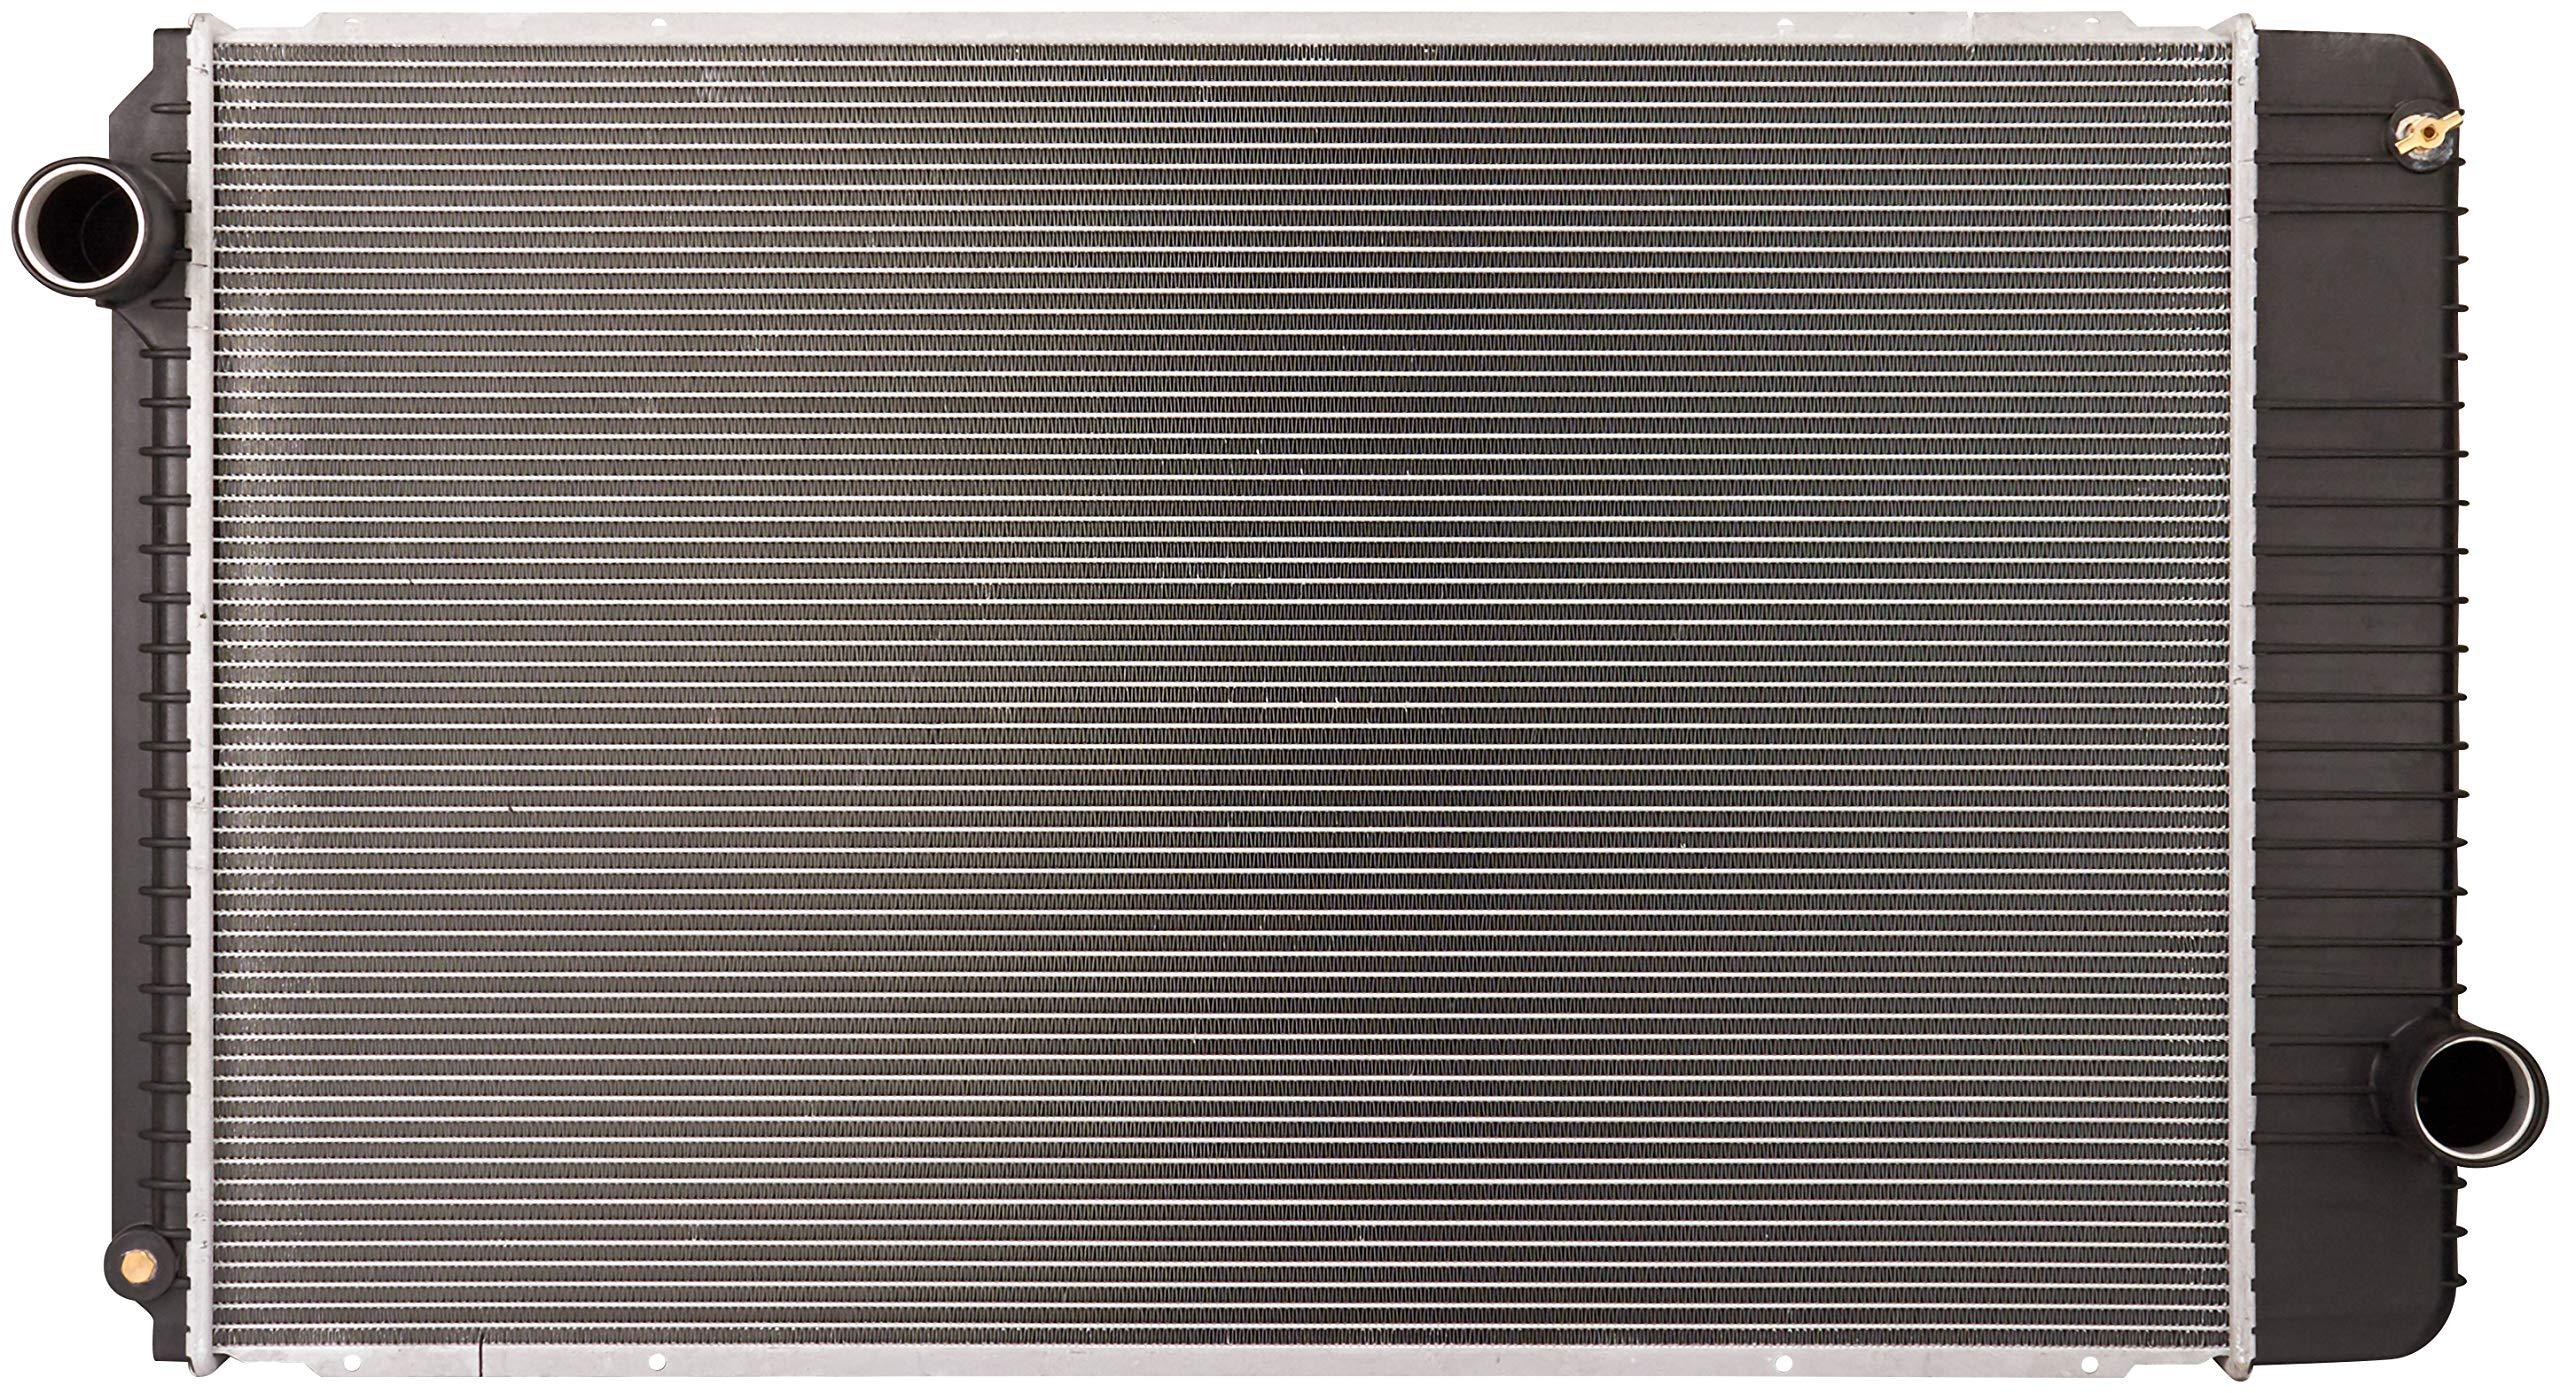 Spectra Premium 2001-3509 Aluminum Industrial Complete Radiator by Spectra Premium